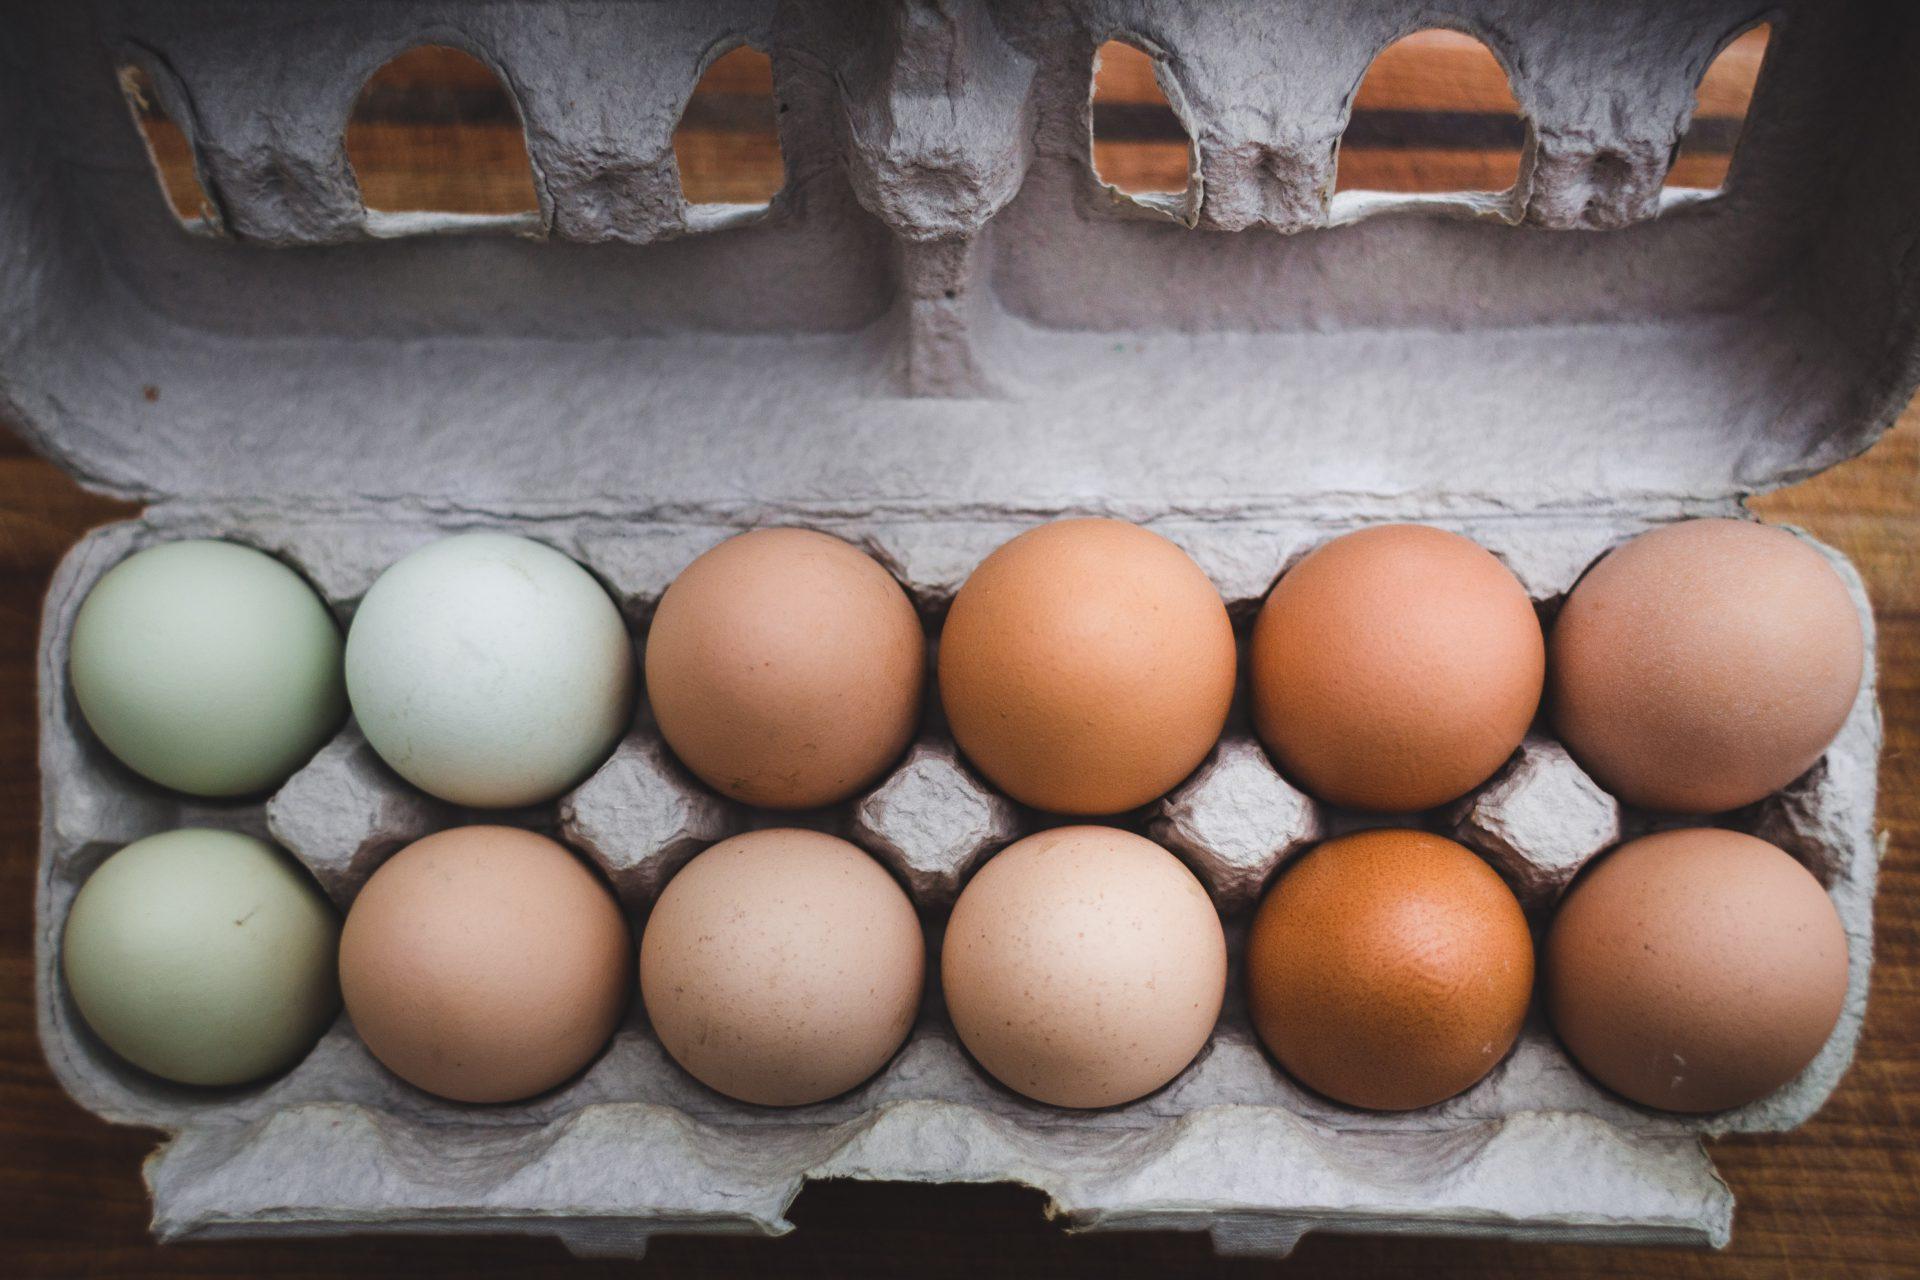 Basuh Dahulu Telur Sebelum Disimpan, Perlu Ke? 3